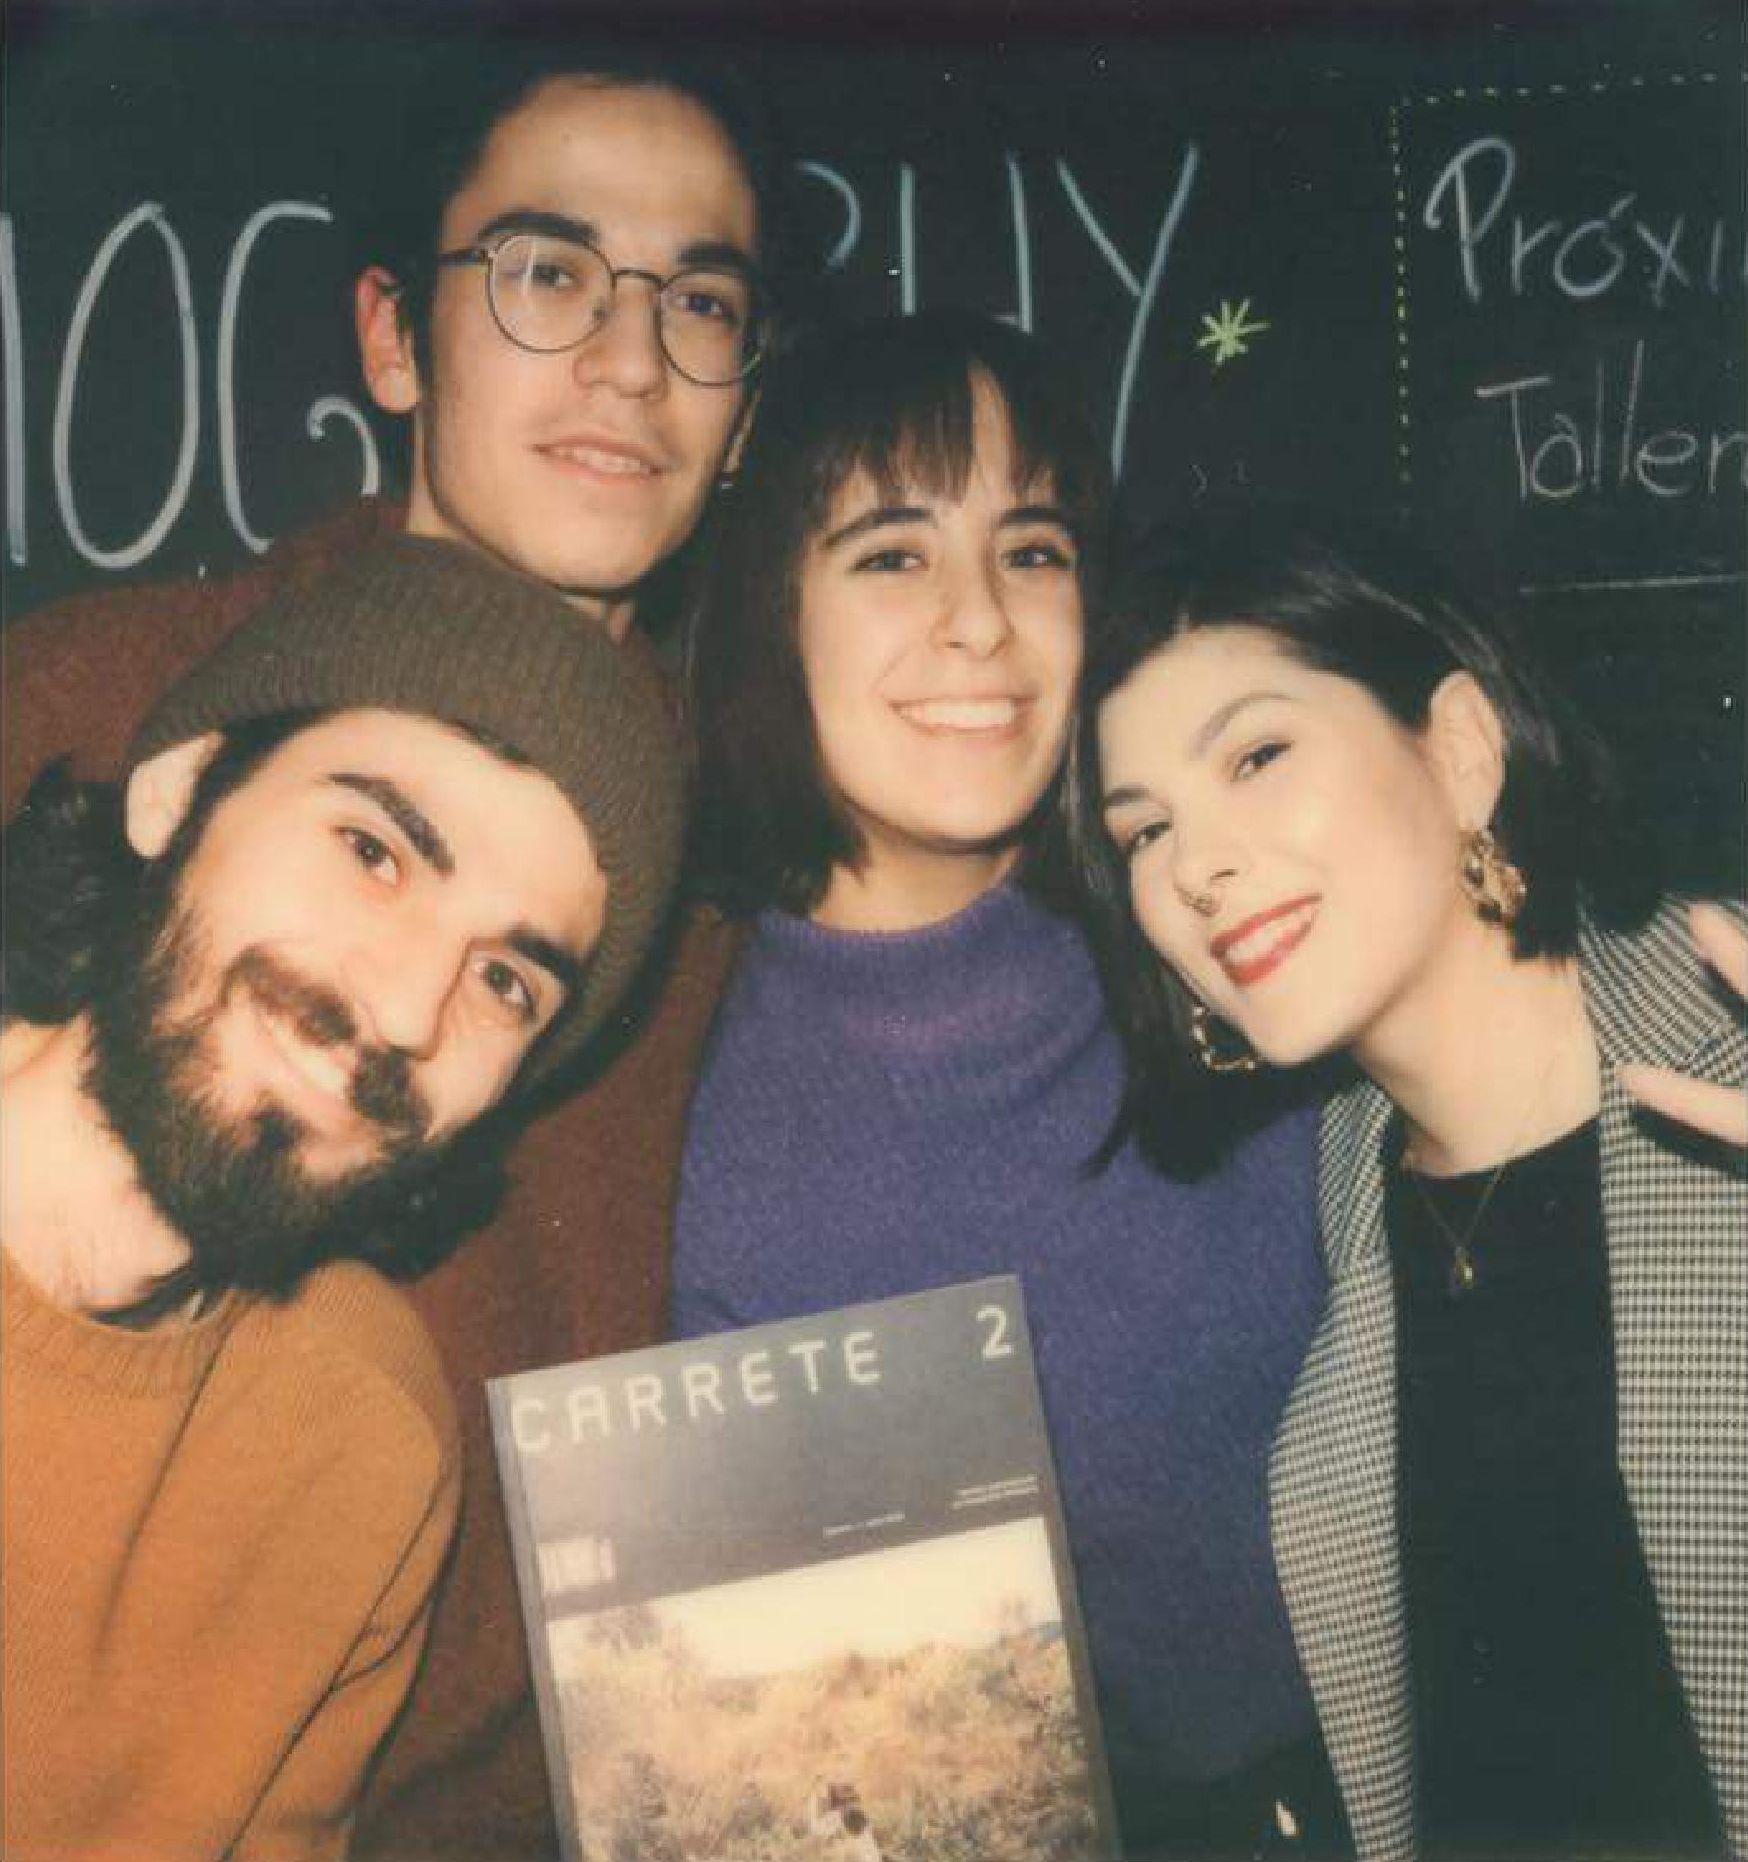 El grup impulsor de Carrete. Retrat en Polaroid per Joaquin de Prada.